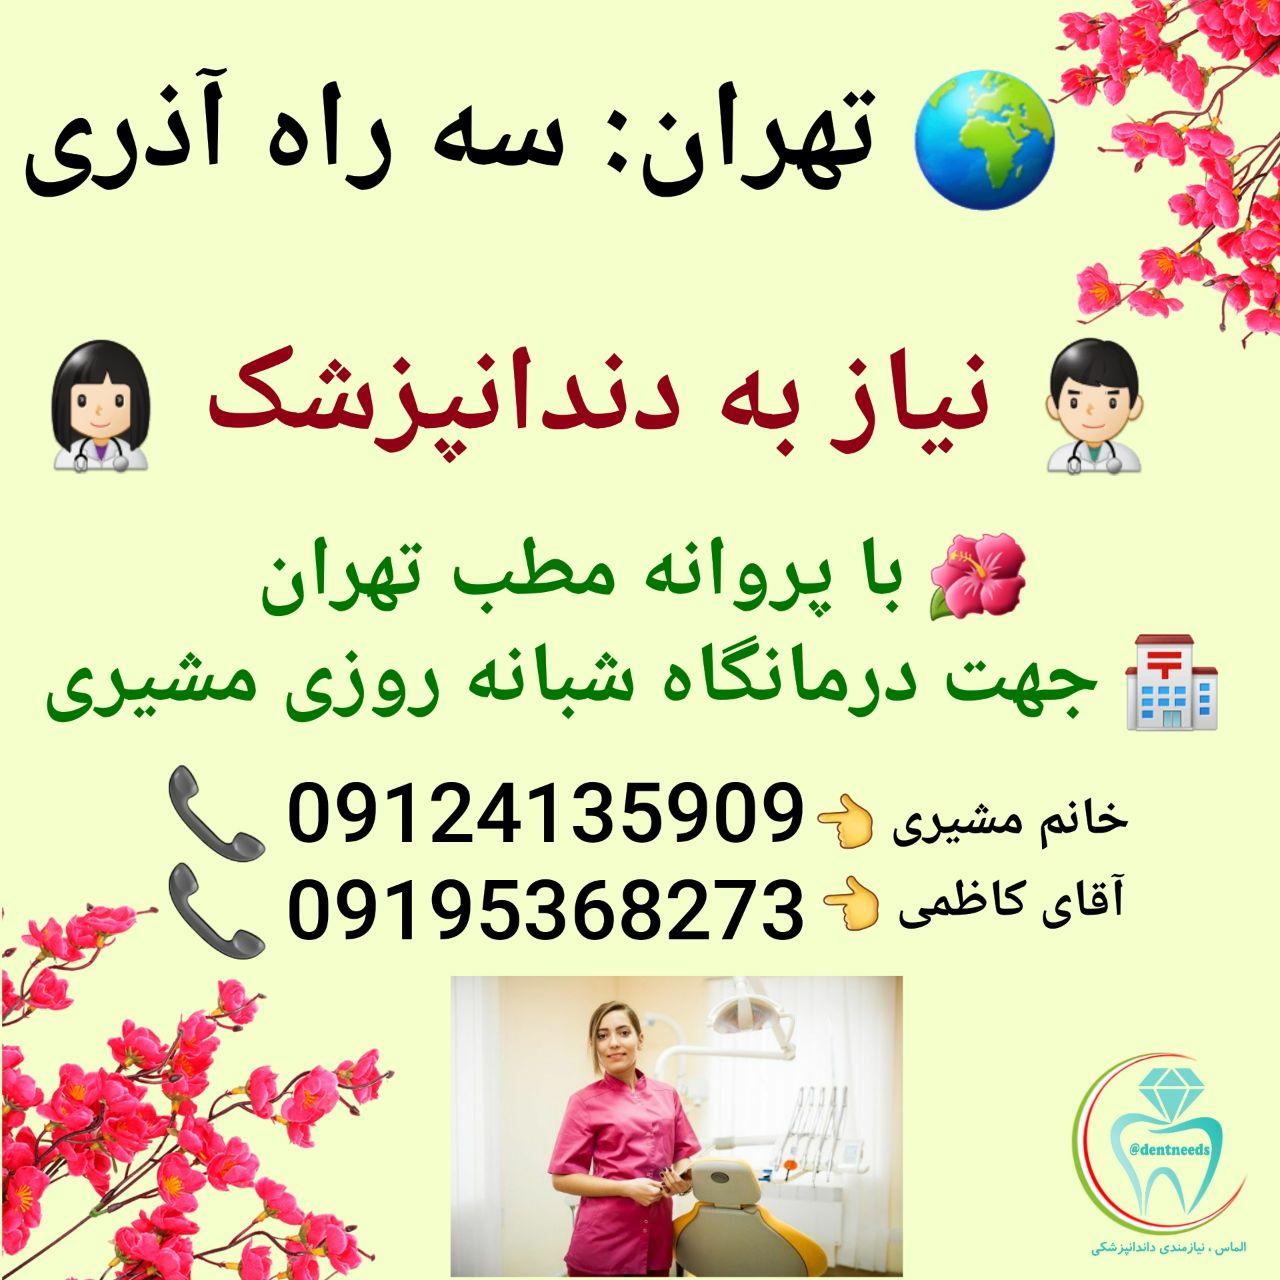 تهران: سه راه آذری ،نیاز به دندانپزشک با پروانه تهران